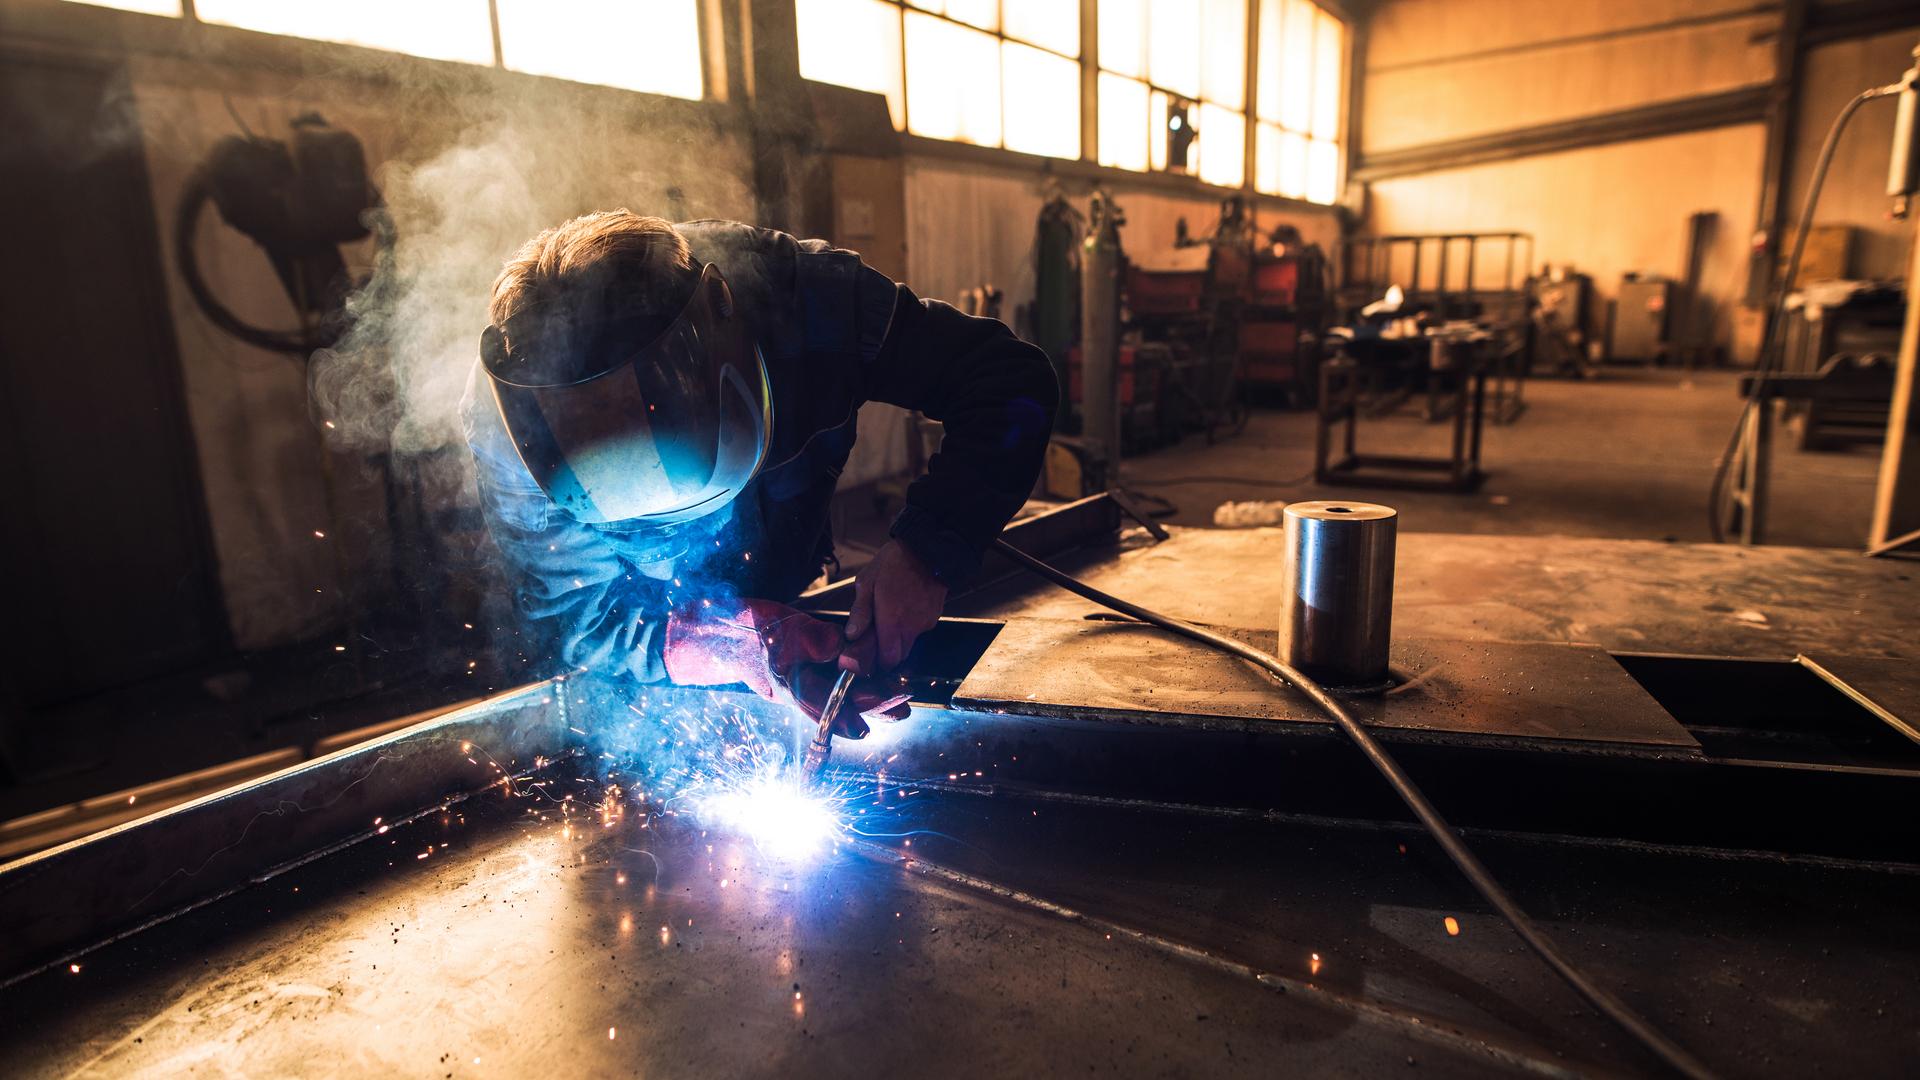 Professional welder in protective uniform and helmet welding metal part in workshop.